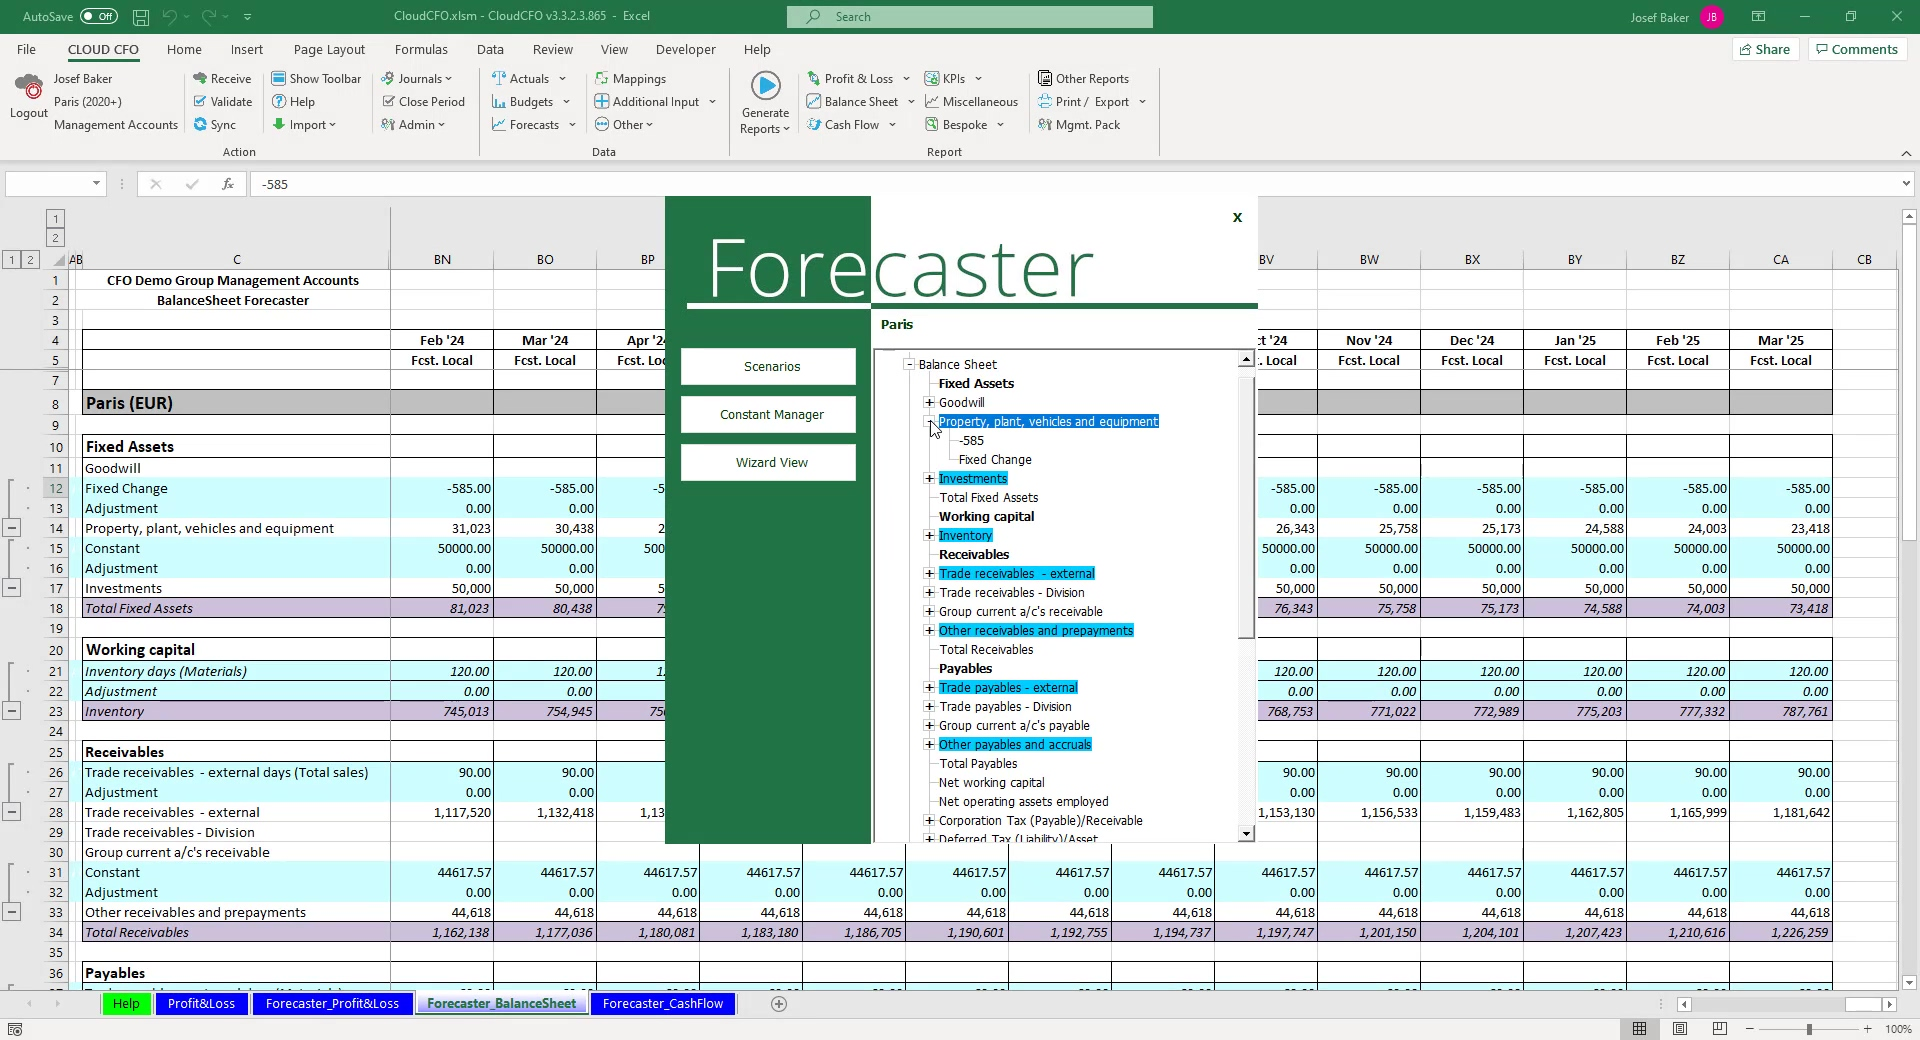 CFO_Forecaster